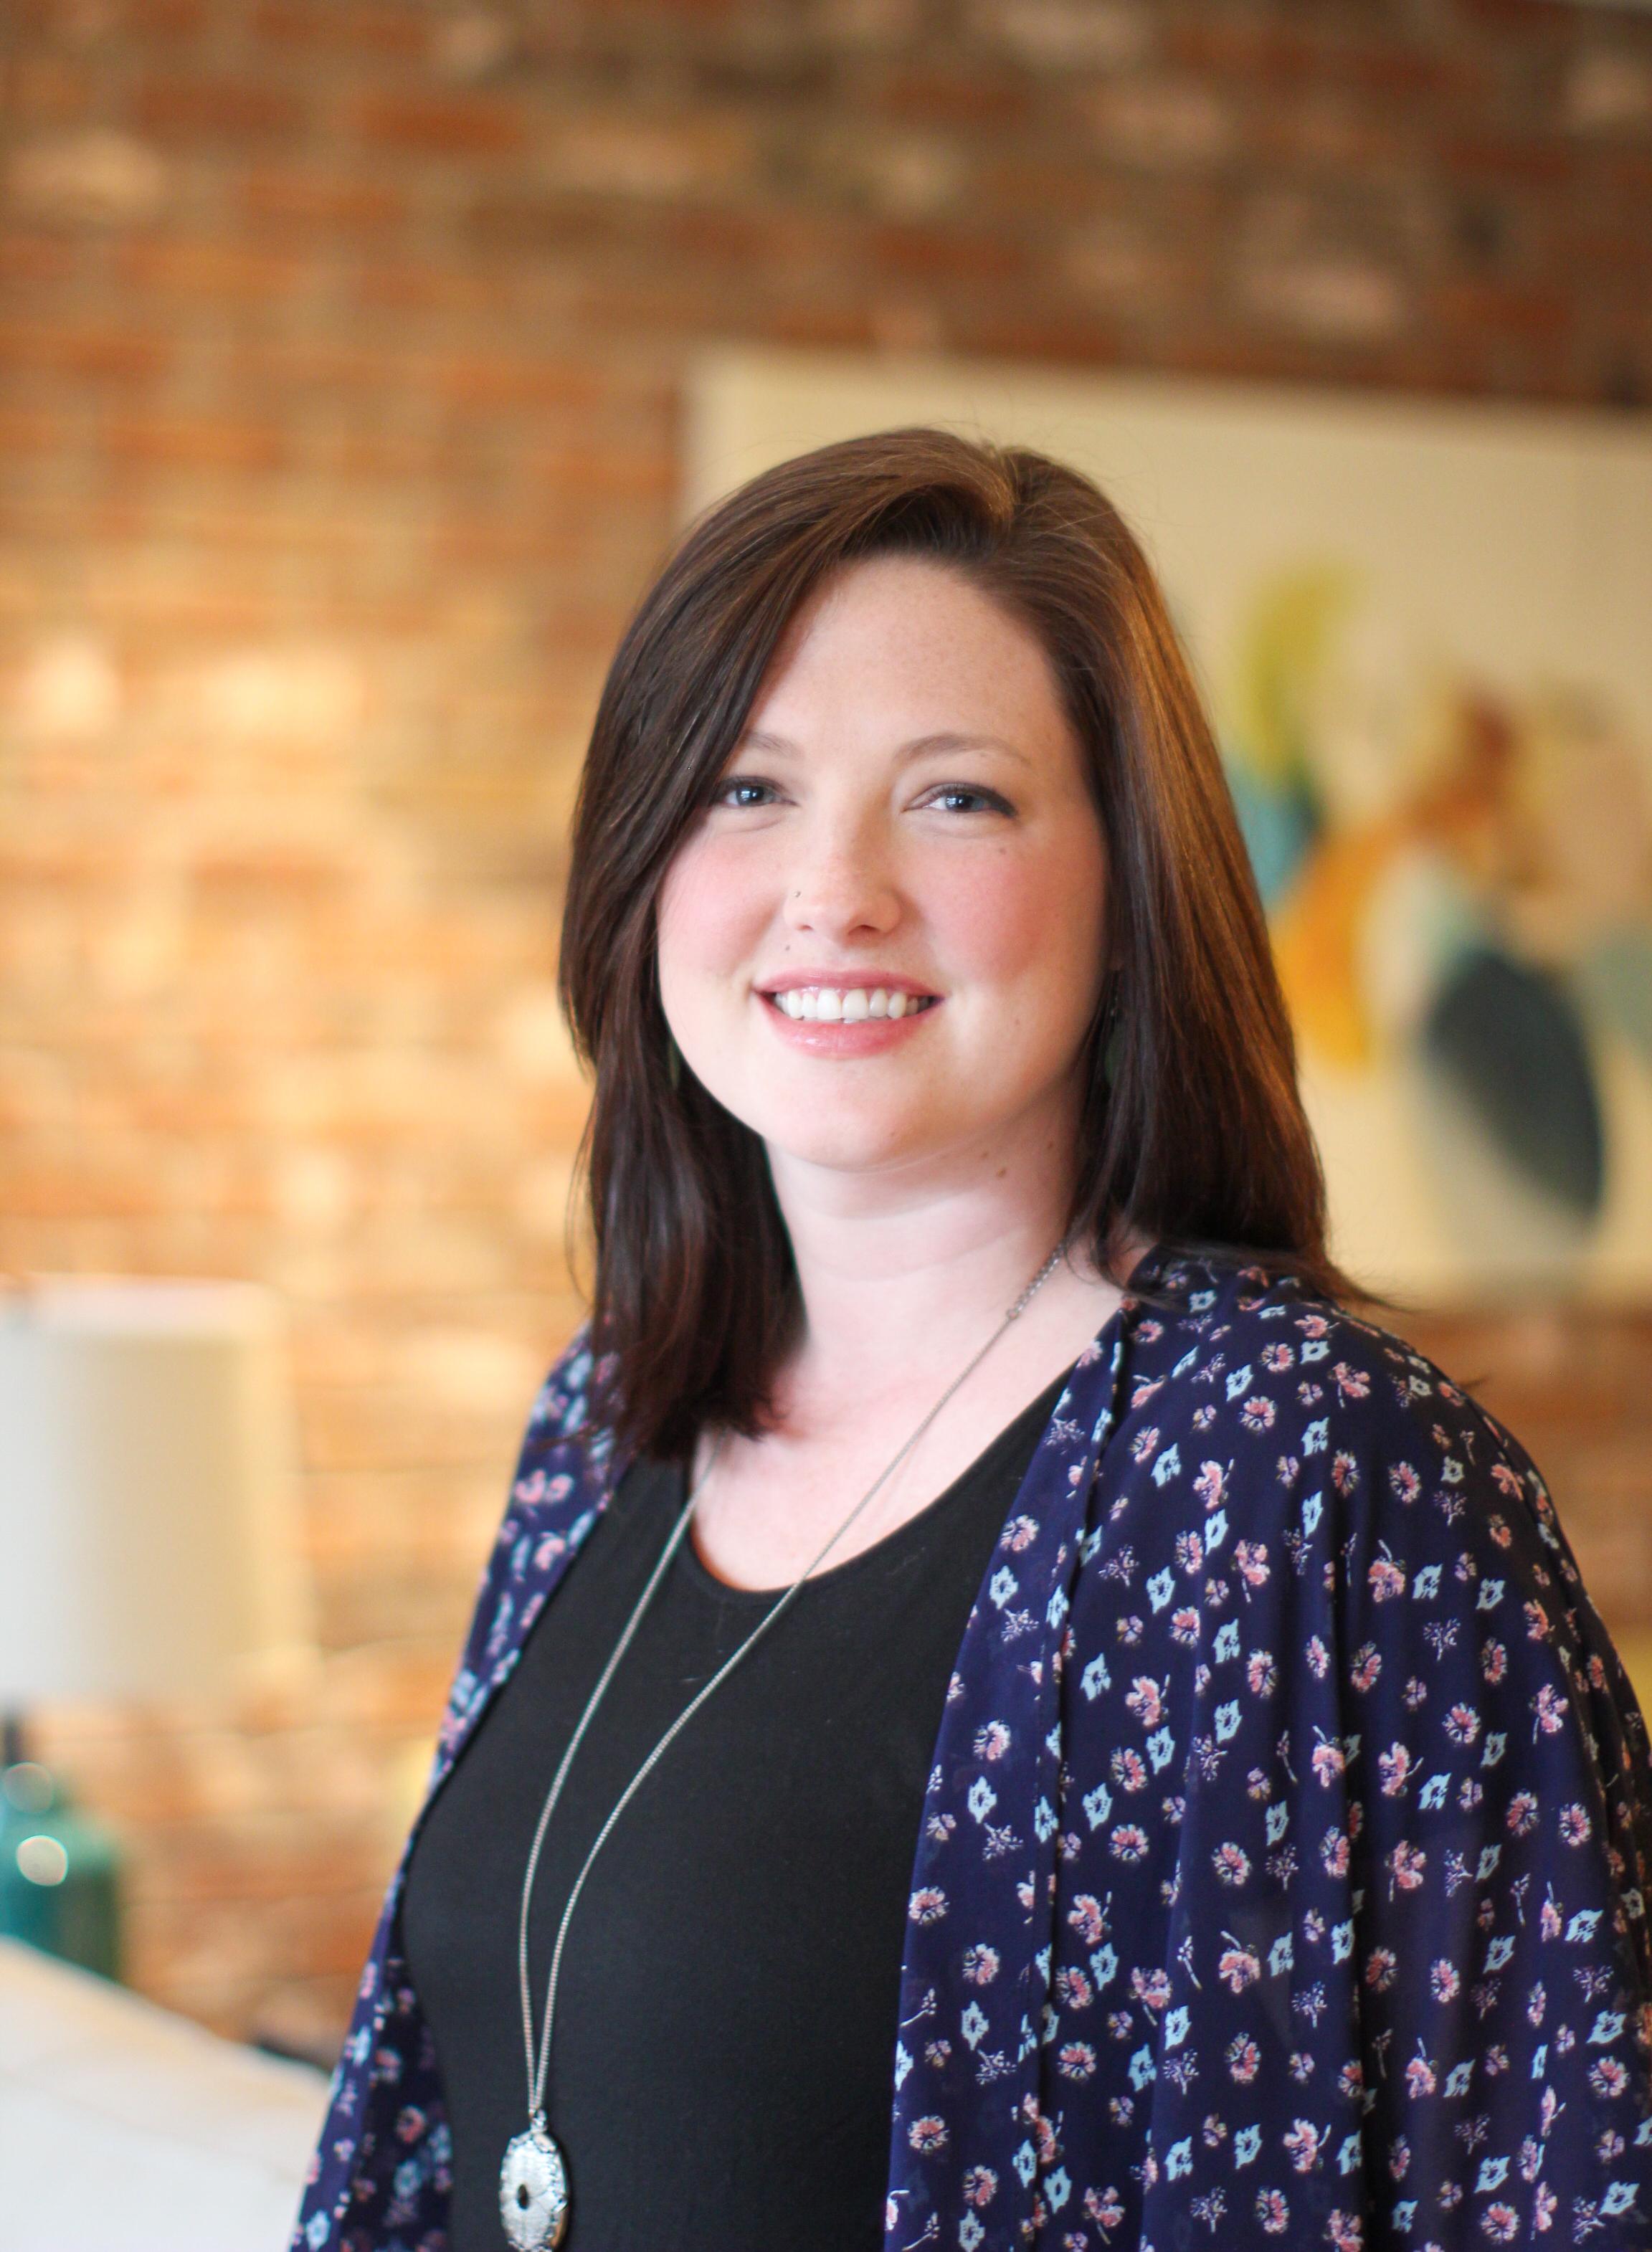 Elaine provides Eating Disorder Treatment in Asheville